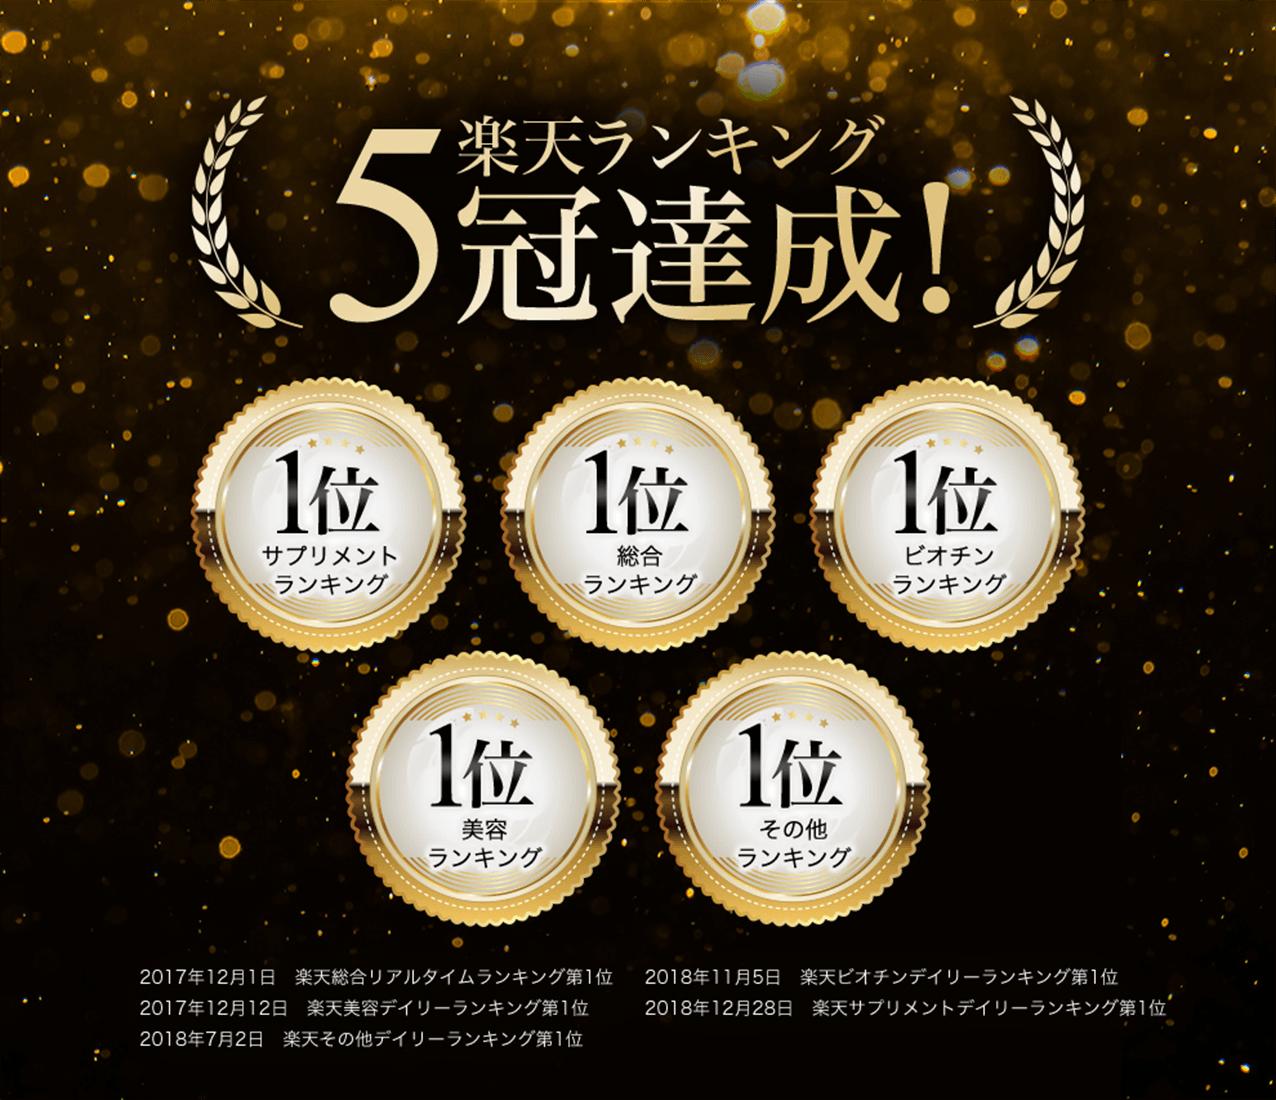 楽天ランキング5冠達成!